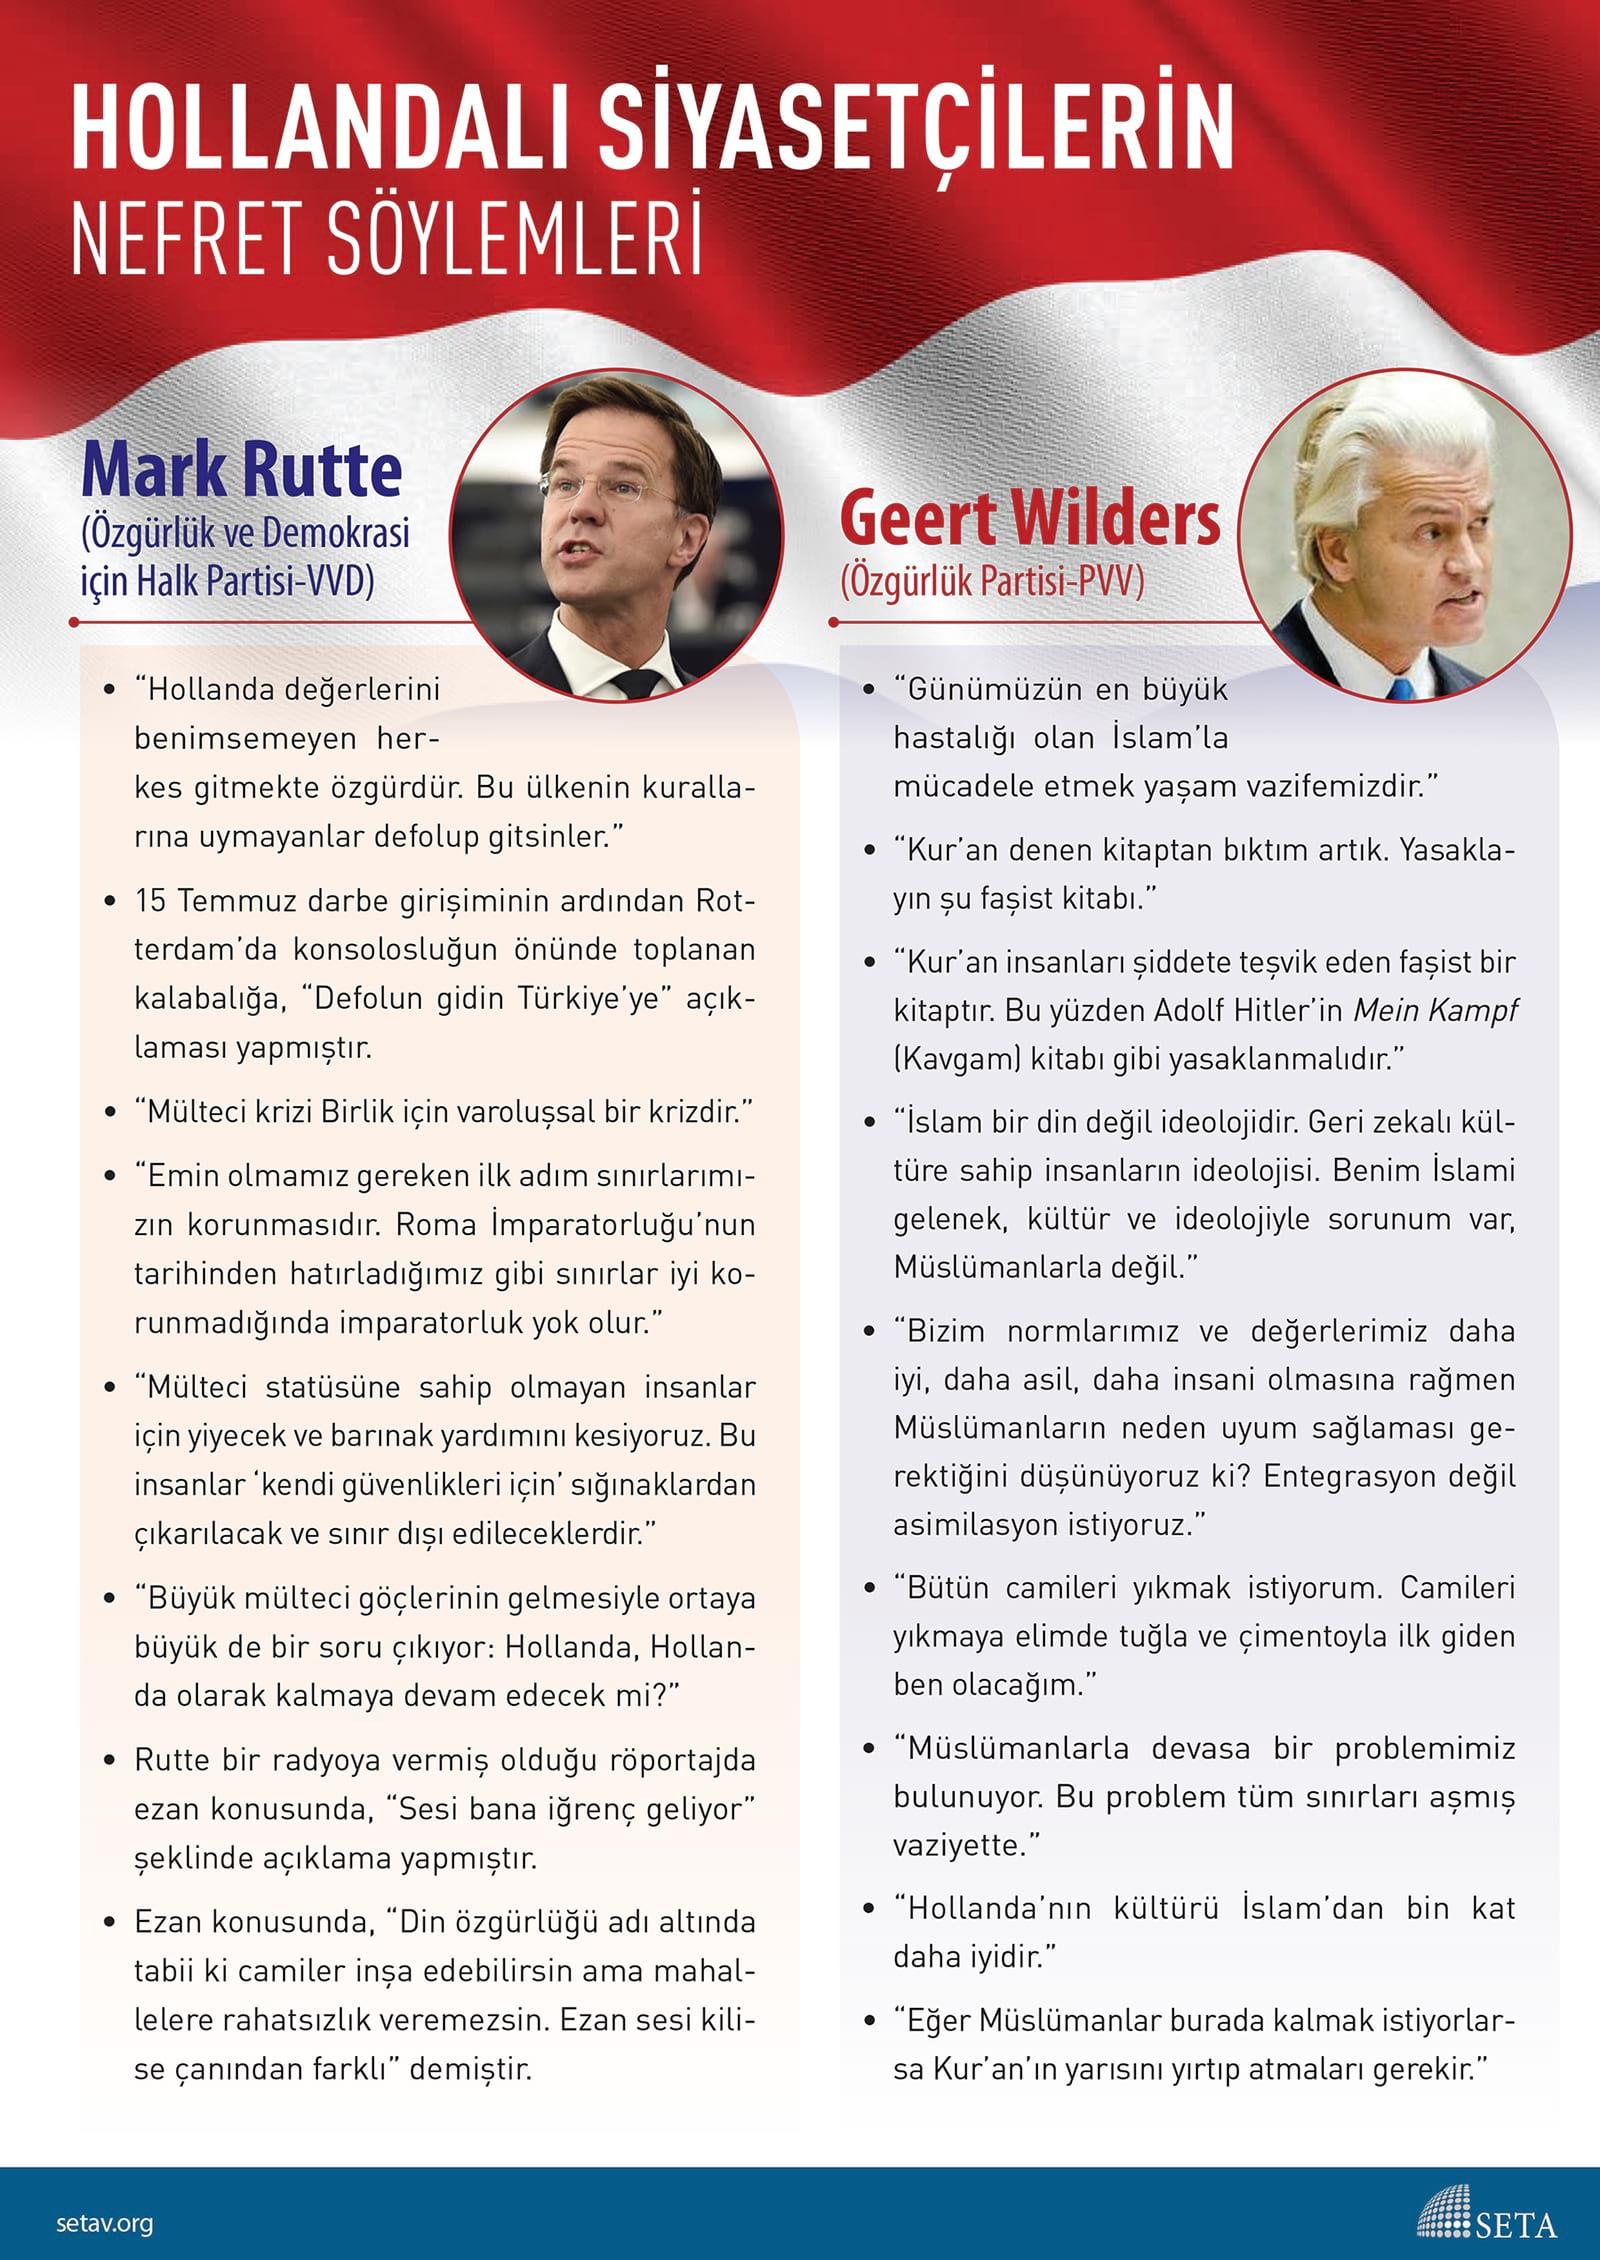 rutte_wilders (2)